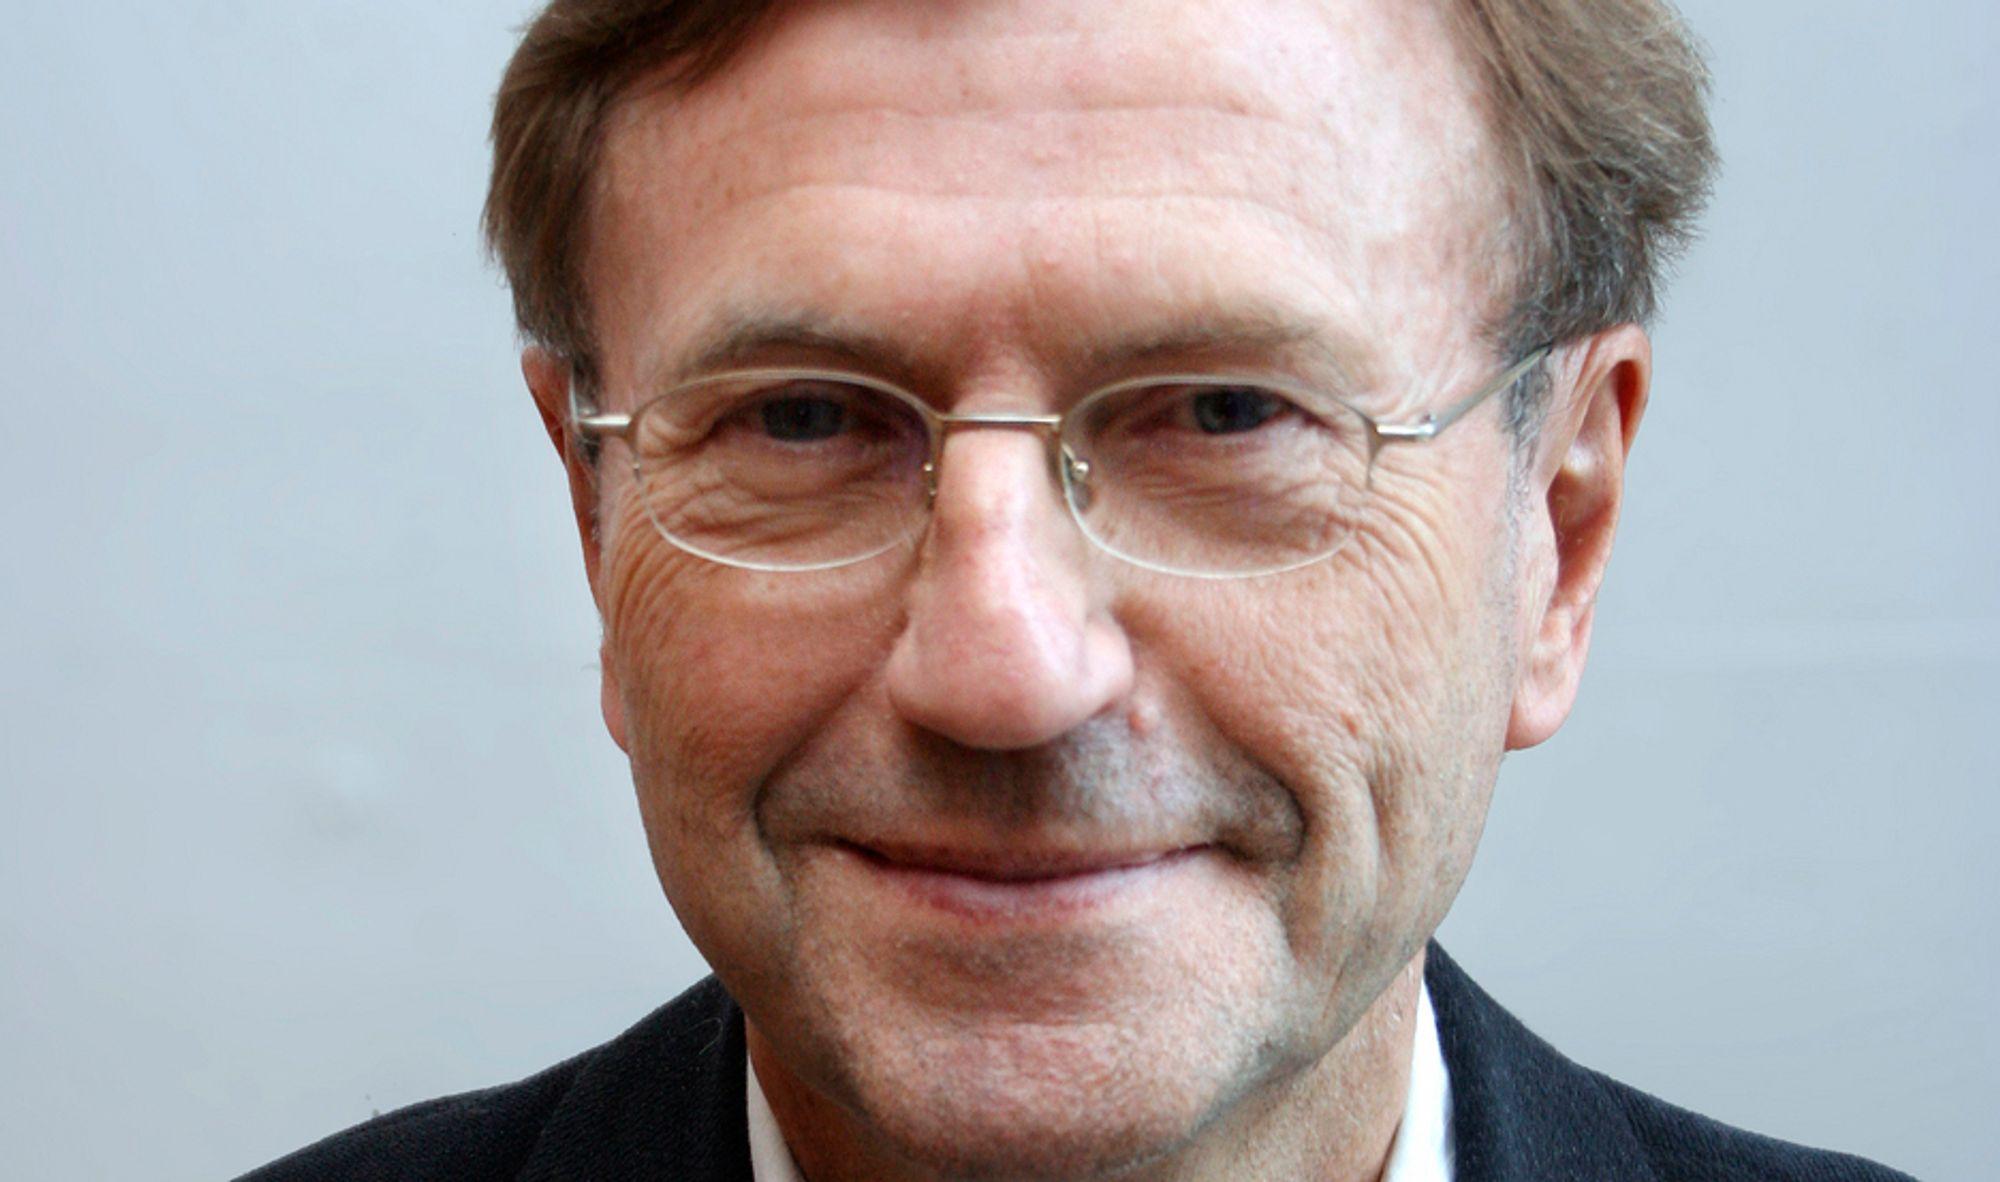 MASTERGRAD: Jarle Aarbakke vil endre gradssystemet i Utdannings-Norge.